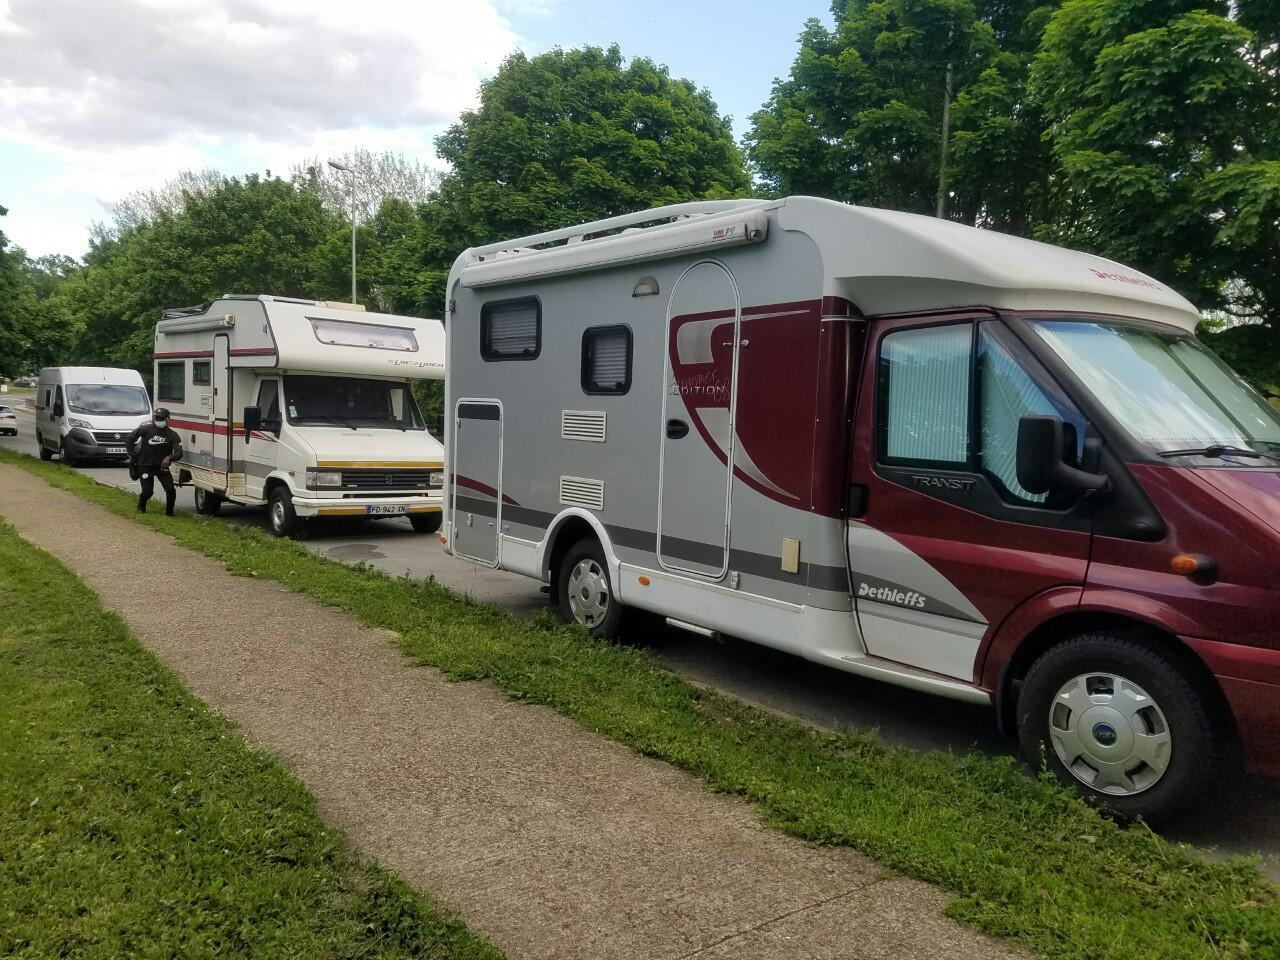 Les vans, camping-cars et caravanes sont les grands favoris des vacanciers cette année. La vente de véhicules de loisirs bat des records.